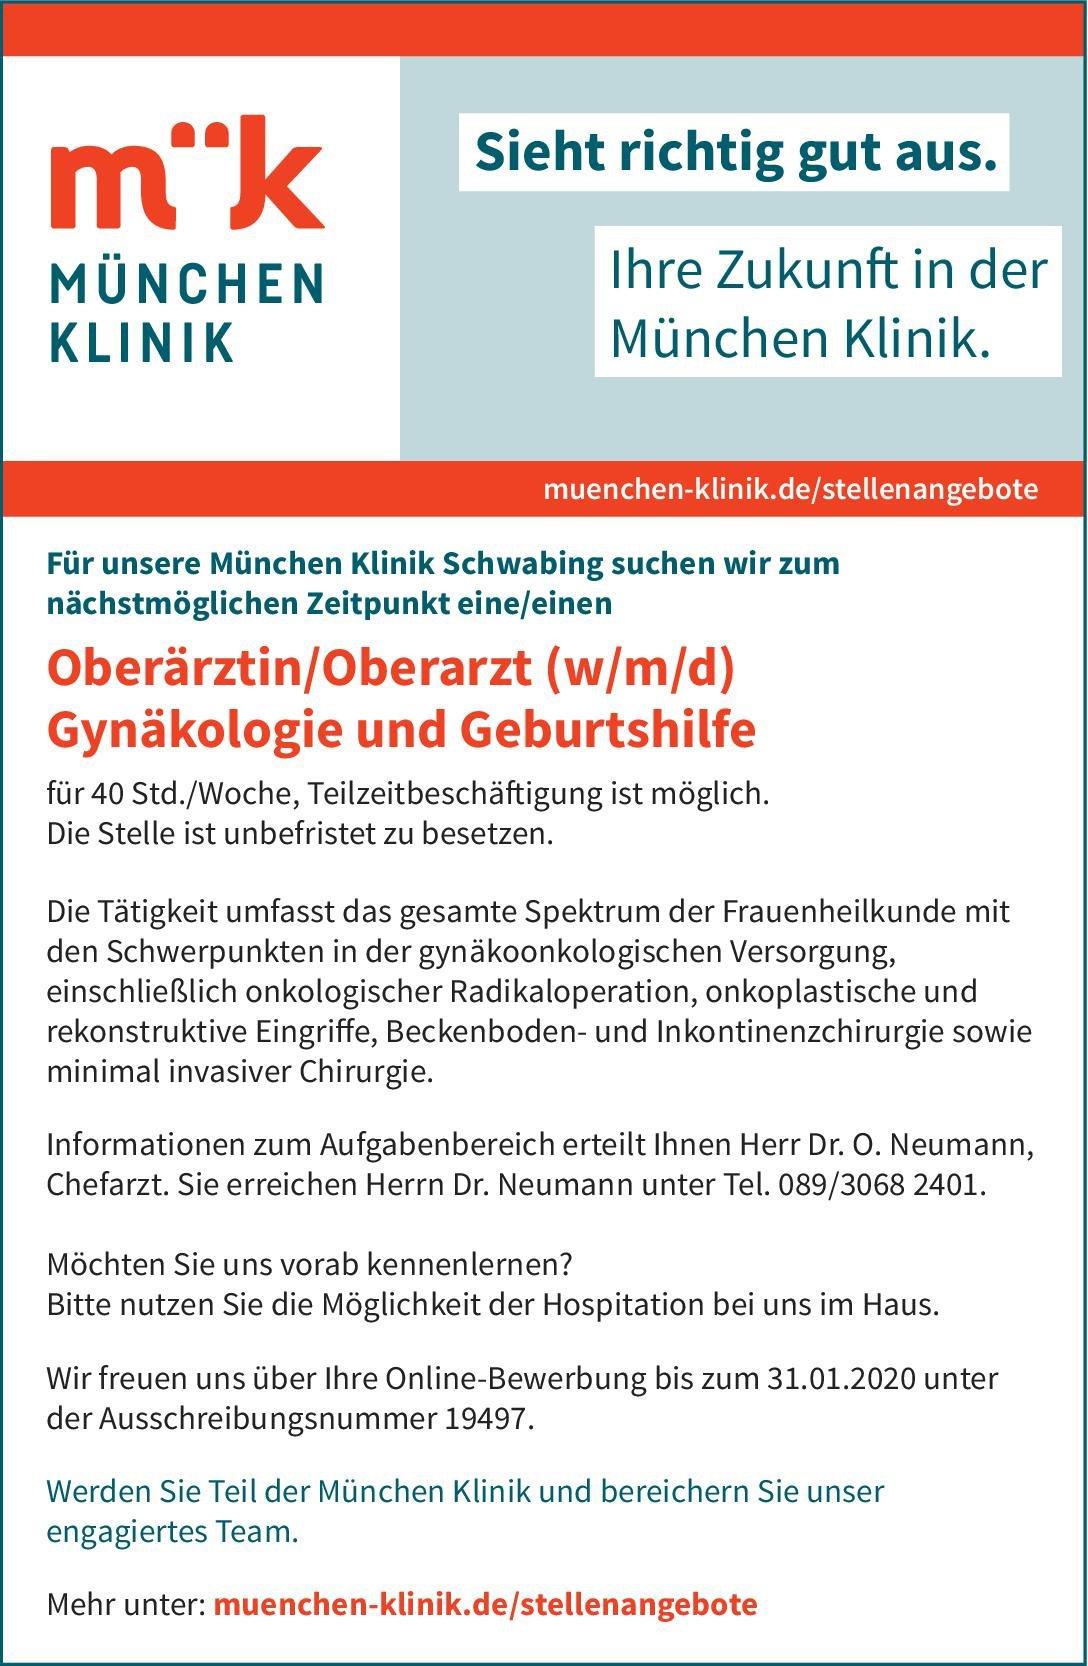 München Klinik Oberärztin/Oberarzt (w/m/d) Gynäkologie und Geburtshilfe  Frauenheilkunde und Geburtshilfe, Frauenheilkunde und Geburtshilfe Oberarzt